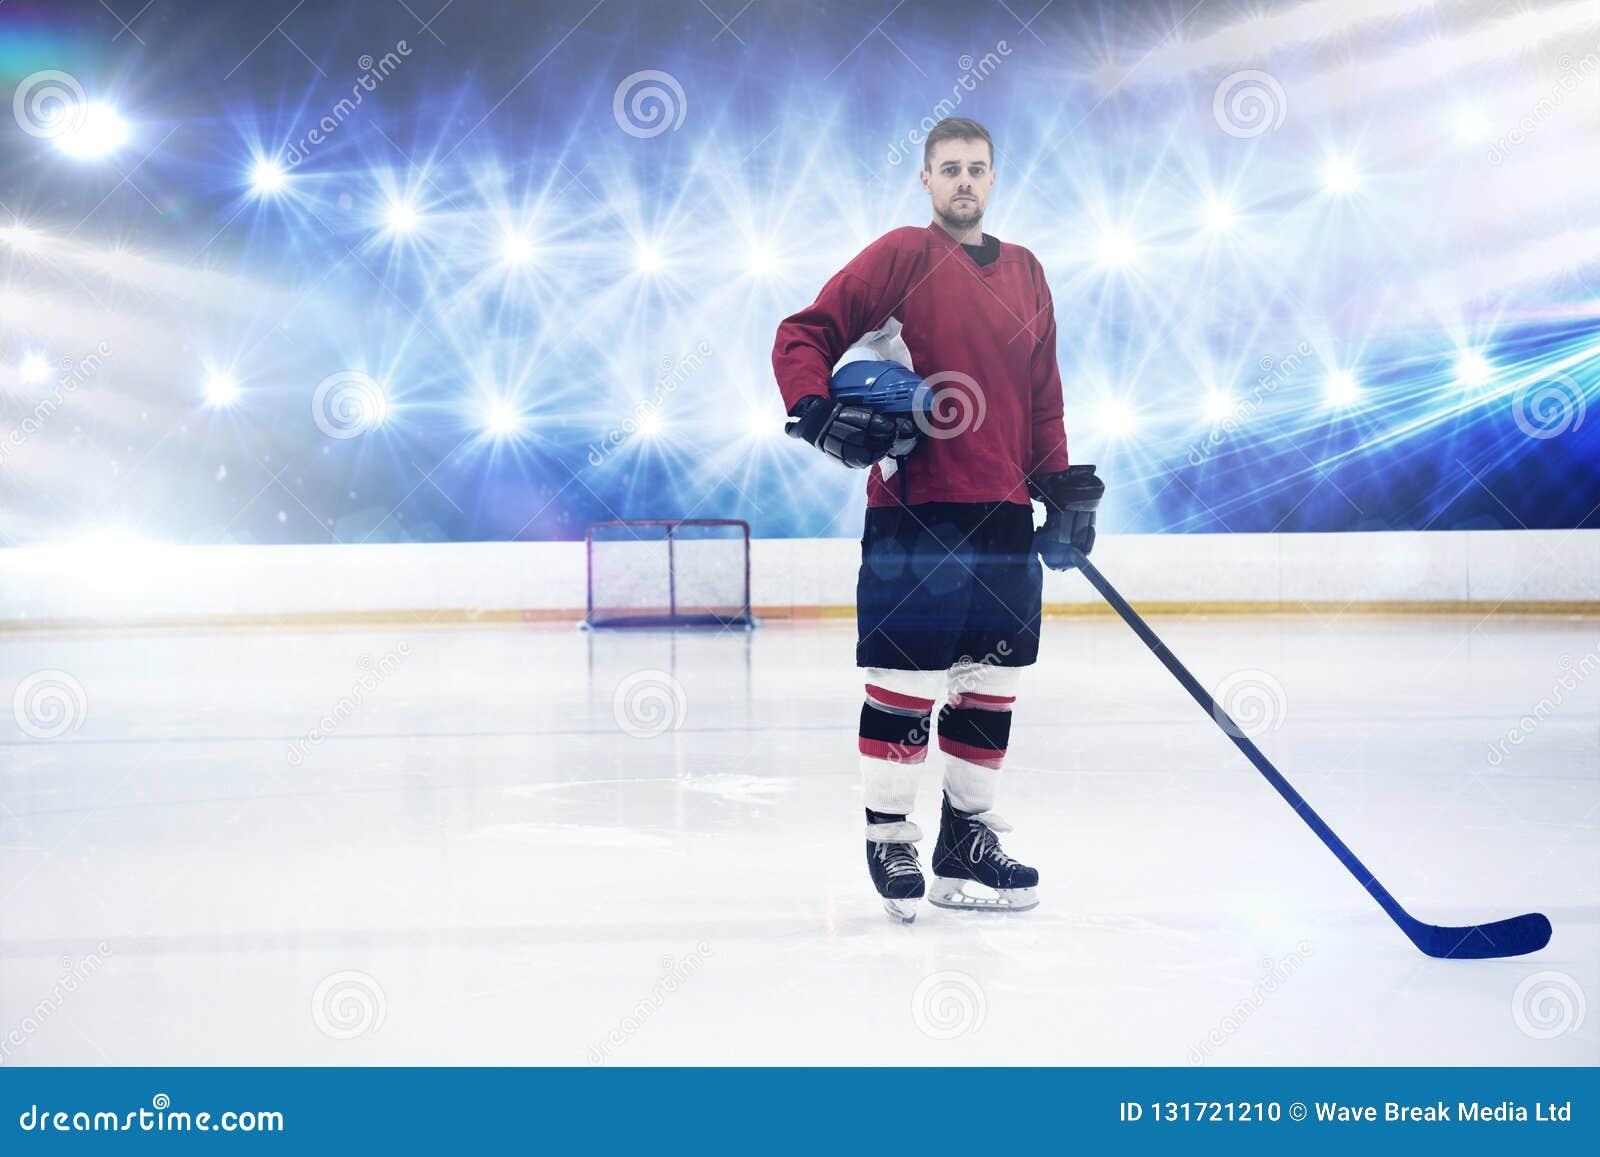 Samengesteld beeld van portret van de holdingshelm en stok van de ijshockeyspeler